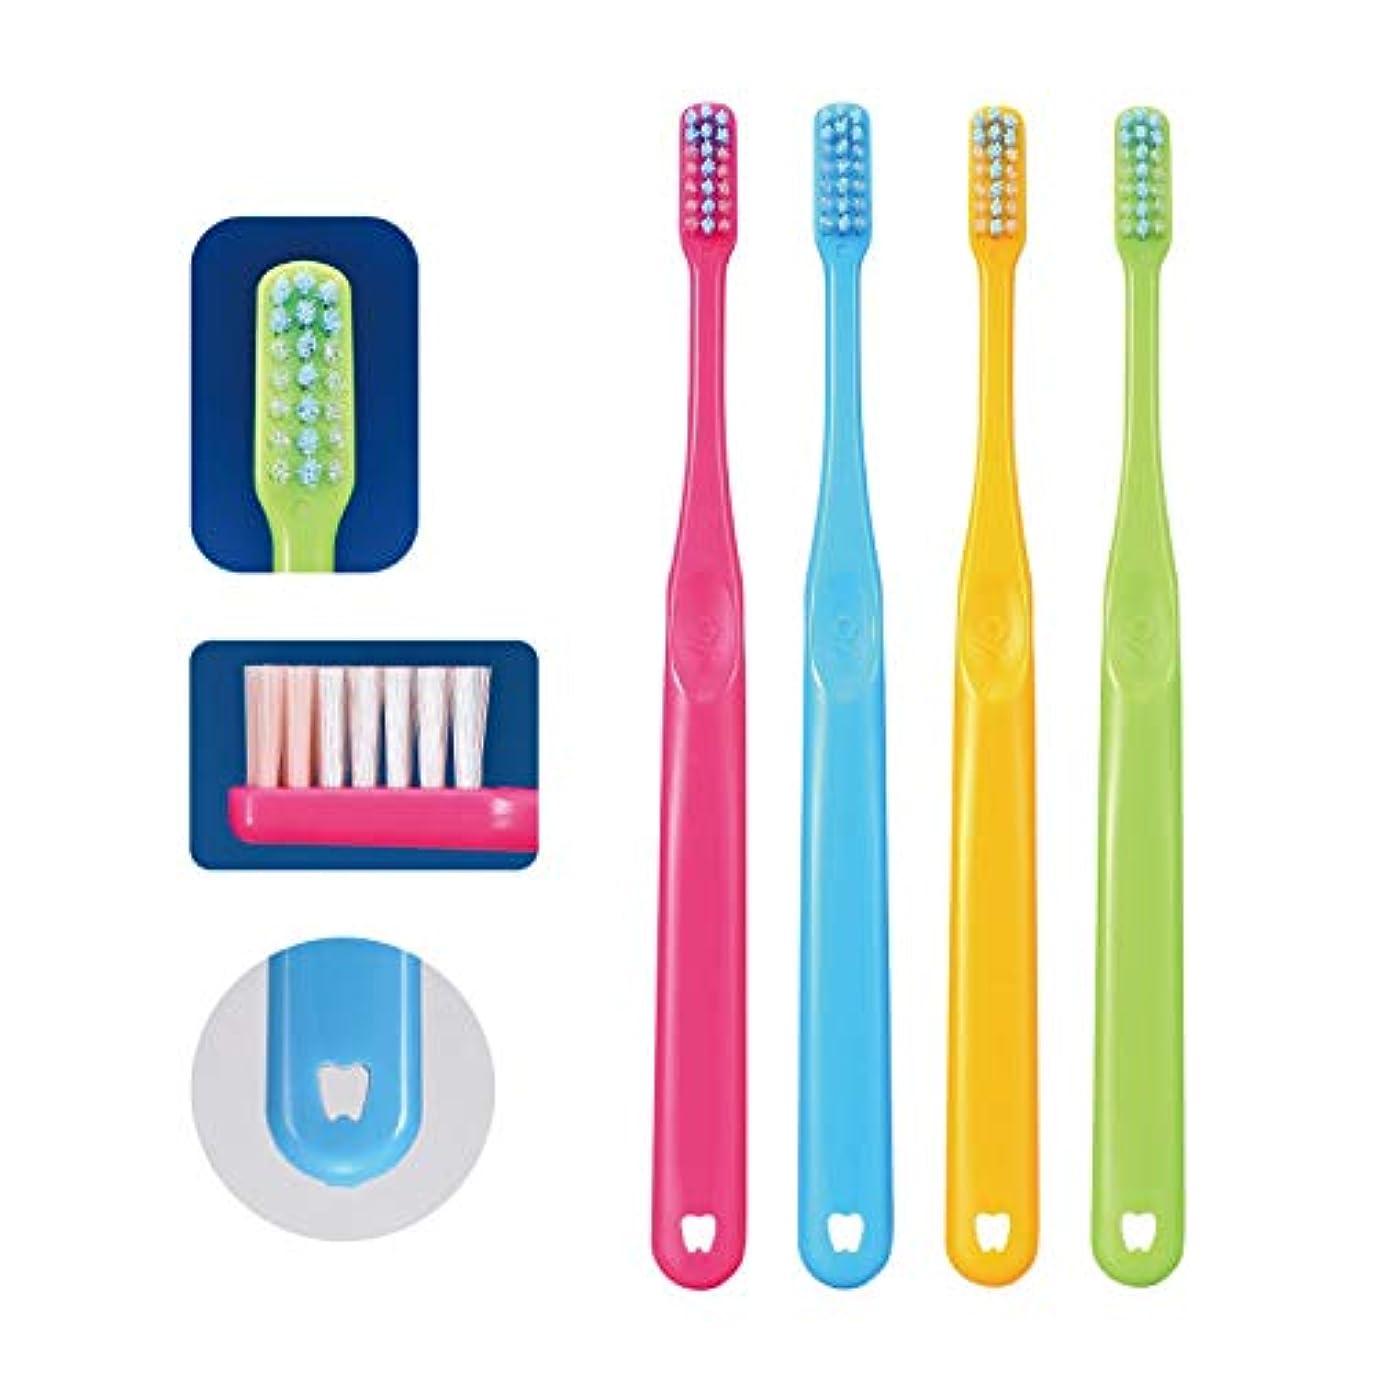 ささいなフリンジスーパーCi PRO PLUS プロプラス 歯ブラシ 20本 S(やわらかめ) 日本製 プラーク除去 歯科専売品